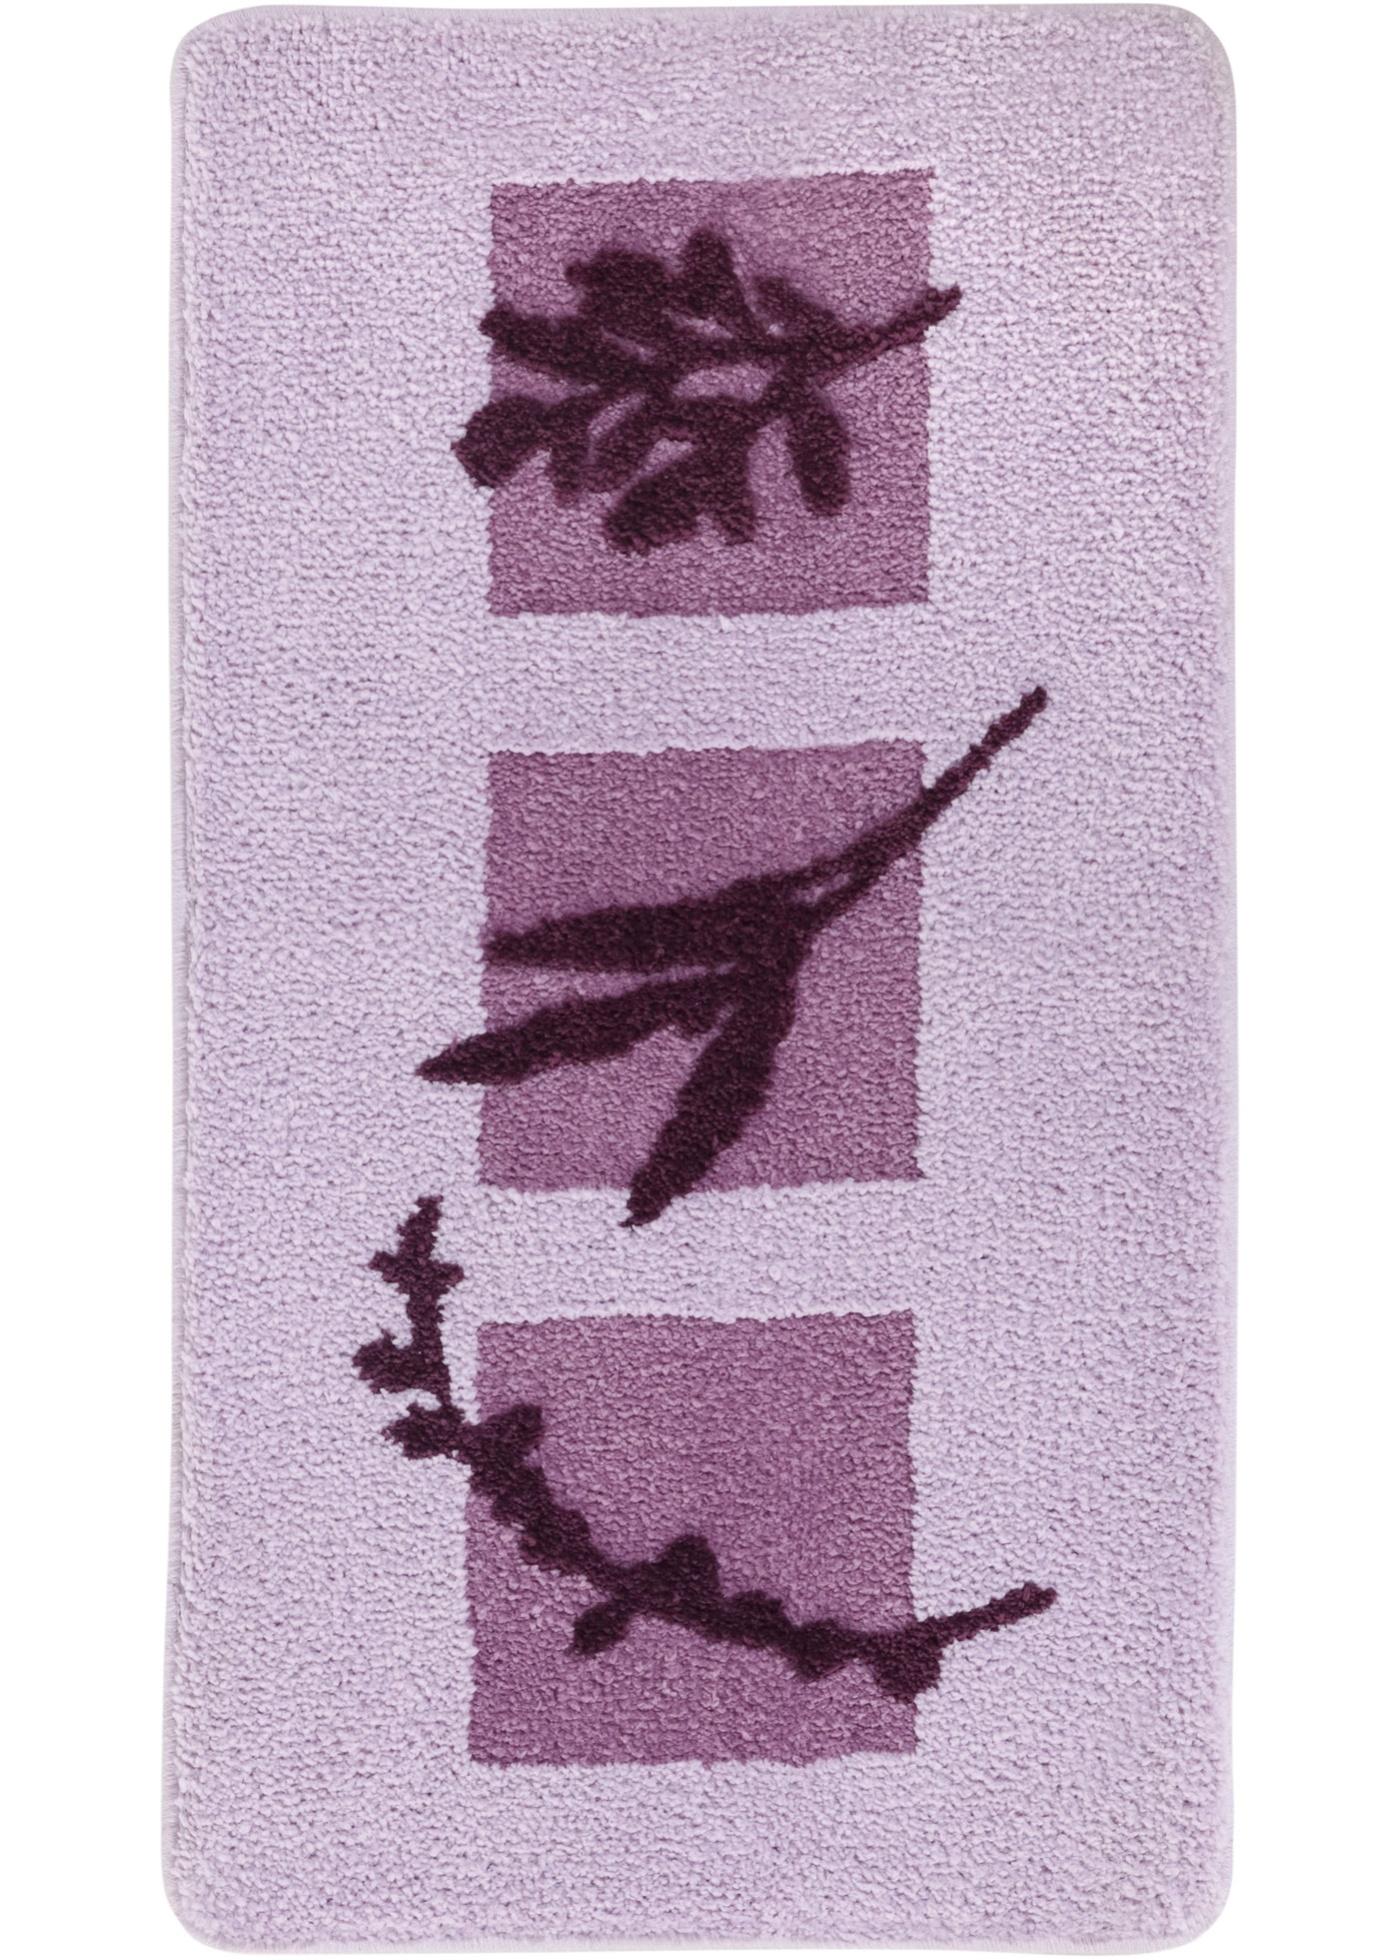 Image of Badematte mit floralem Design